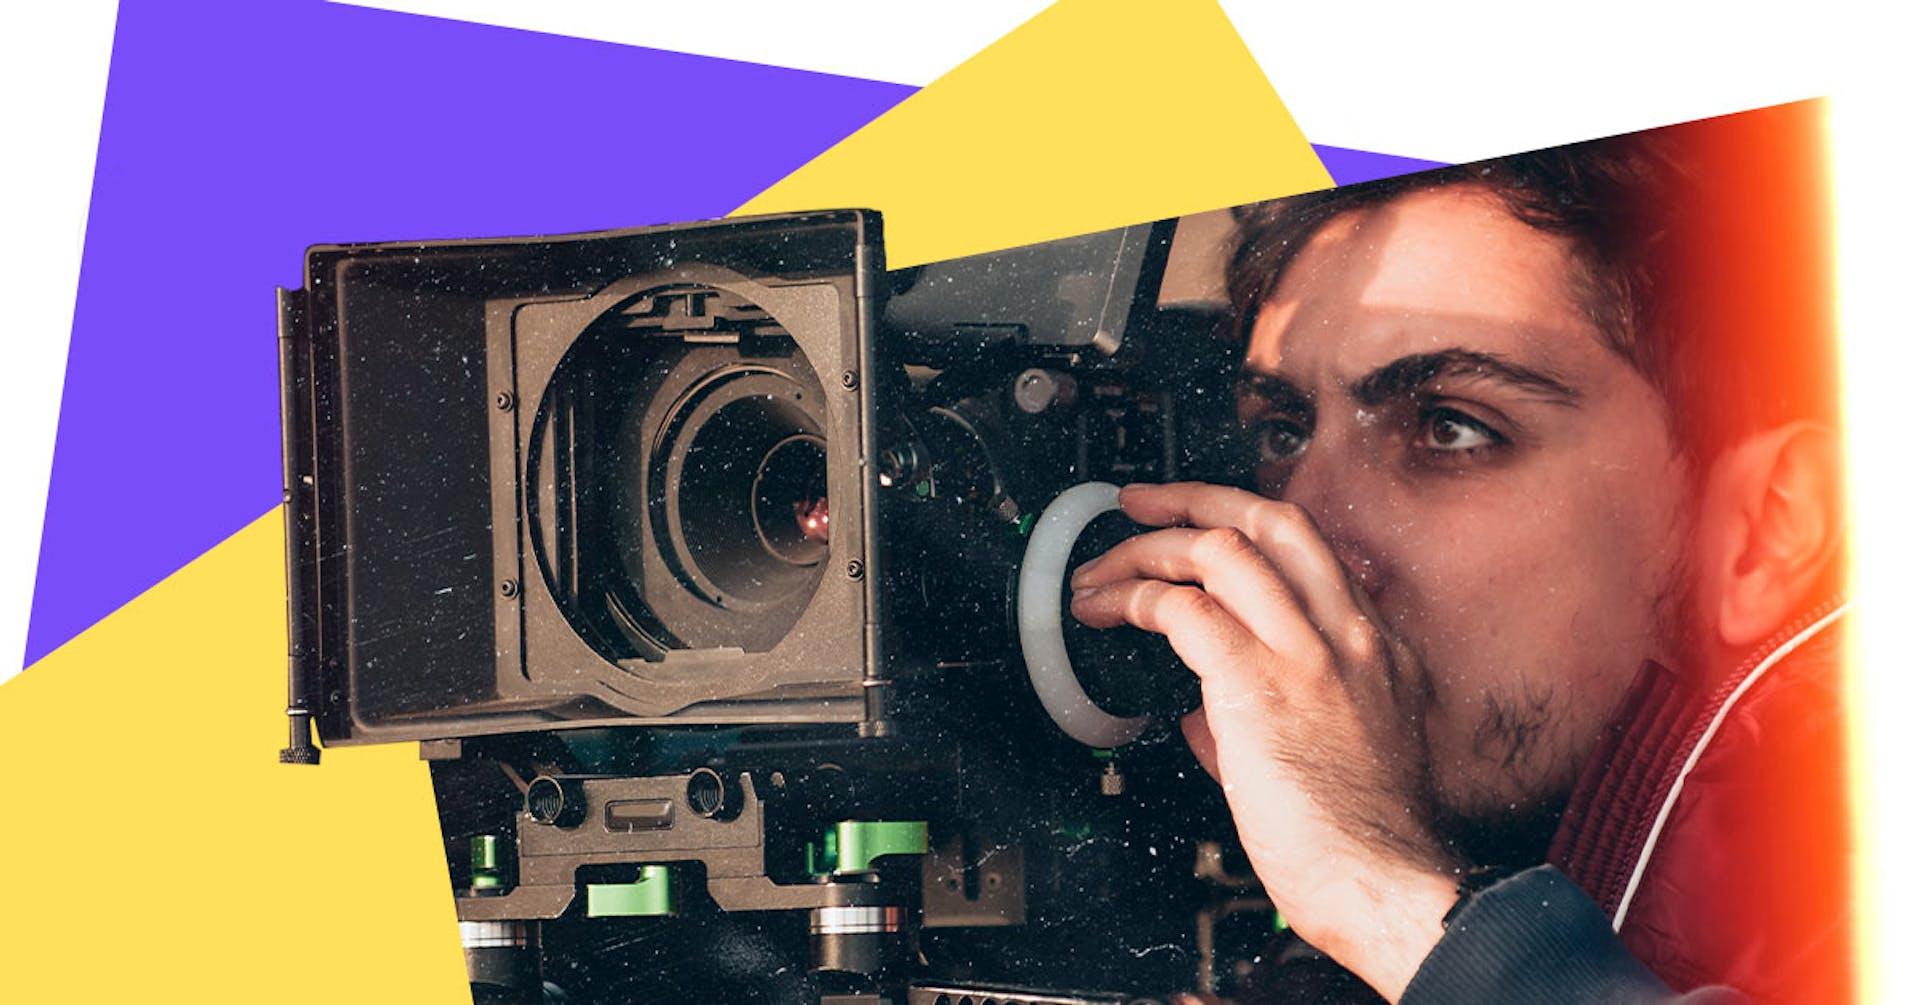 Todos falam sobre os filmes, mas quem fala sobre os curtas-metragens?